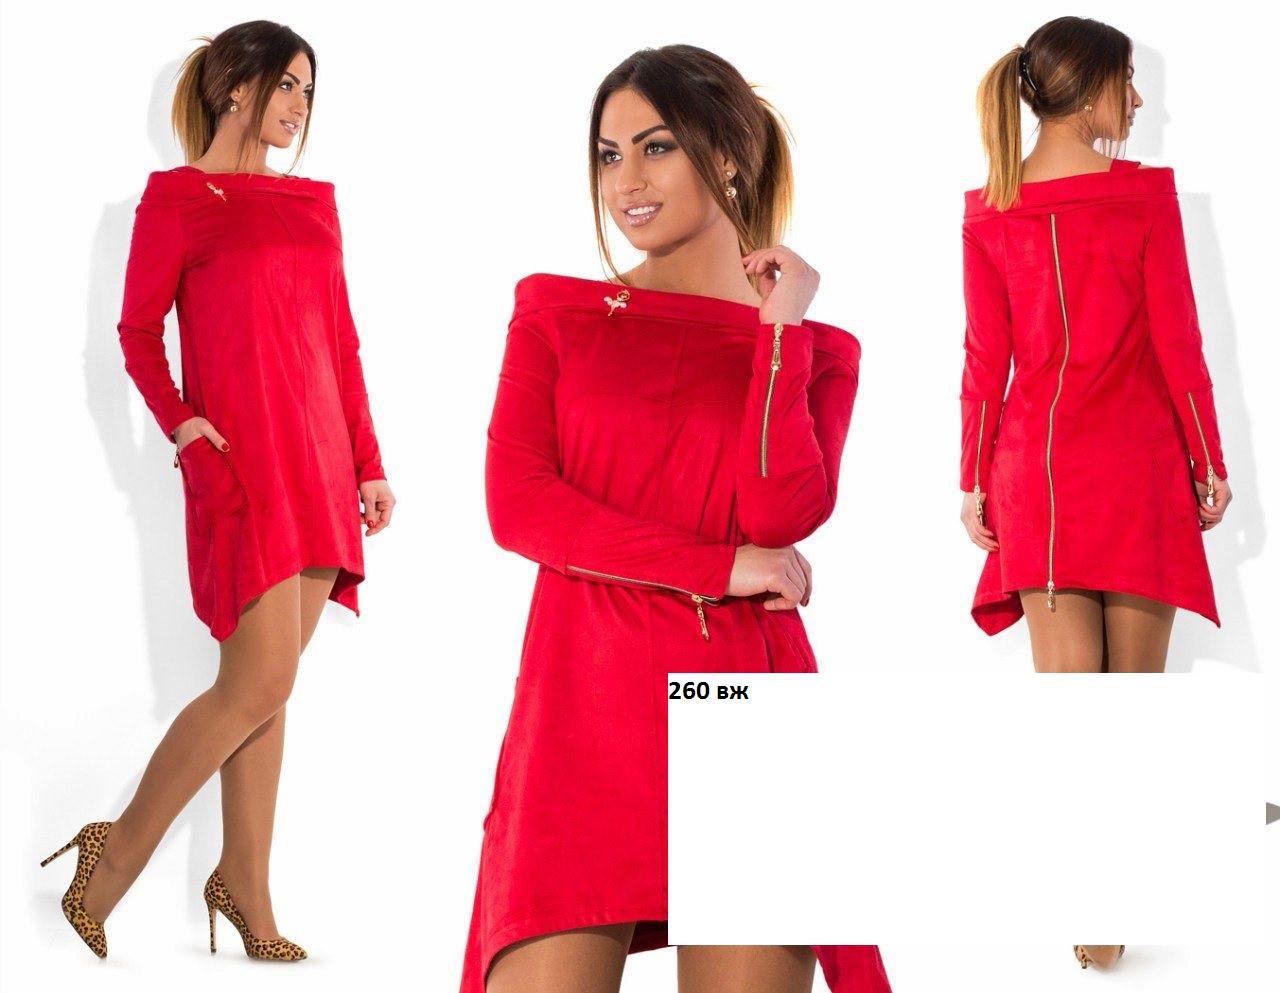 Платье замшевое стильное батал 260 вж